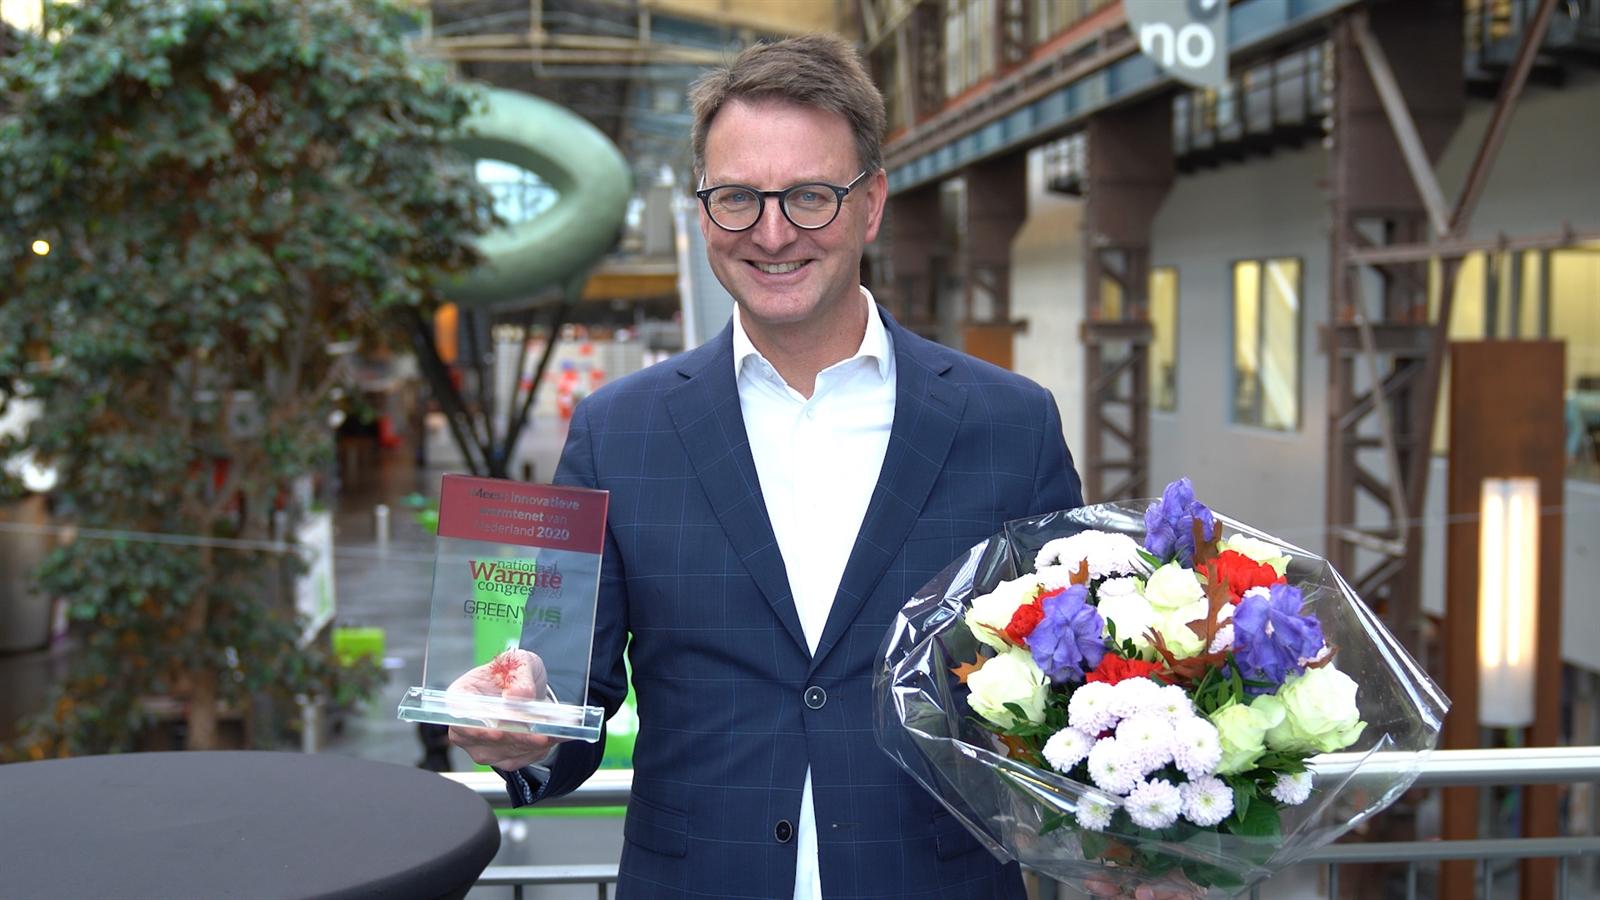 Wethouder Claudio Bruggink met de prijs